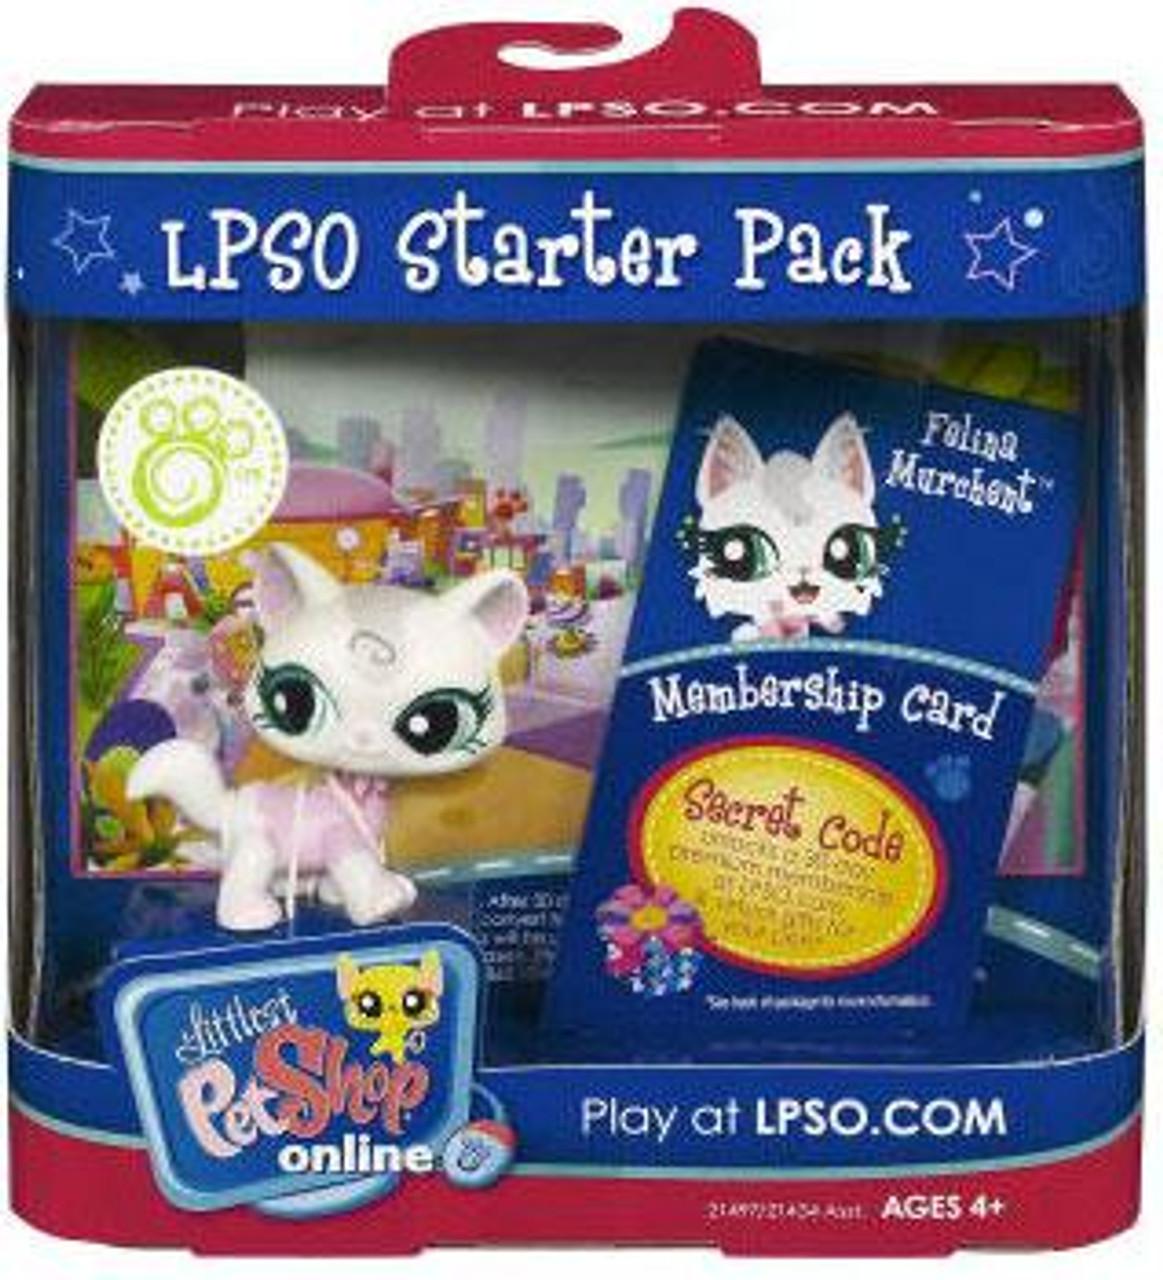 Littlest Pet Shop Online LPSO Starter Pack Felina Murchent Figure [Cat]